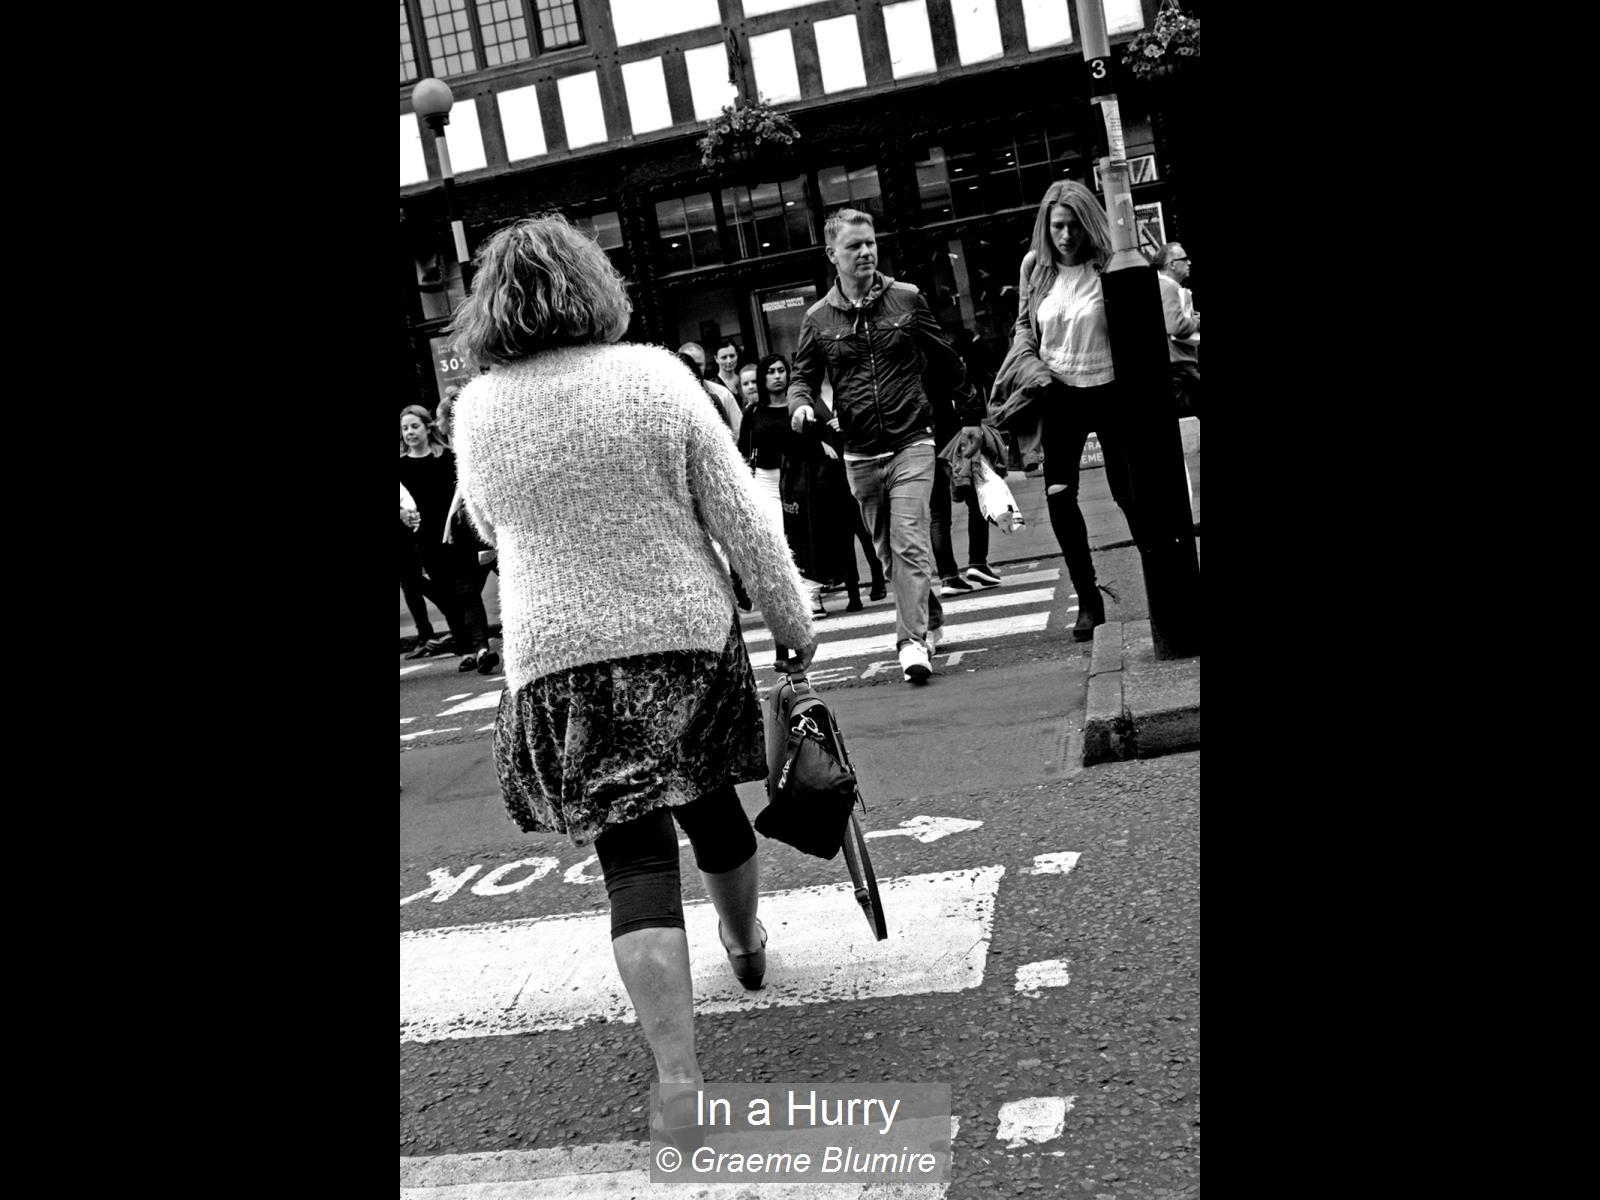 Graeme Blumire_In a Hurry_None